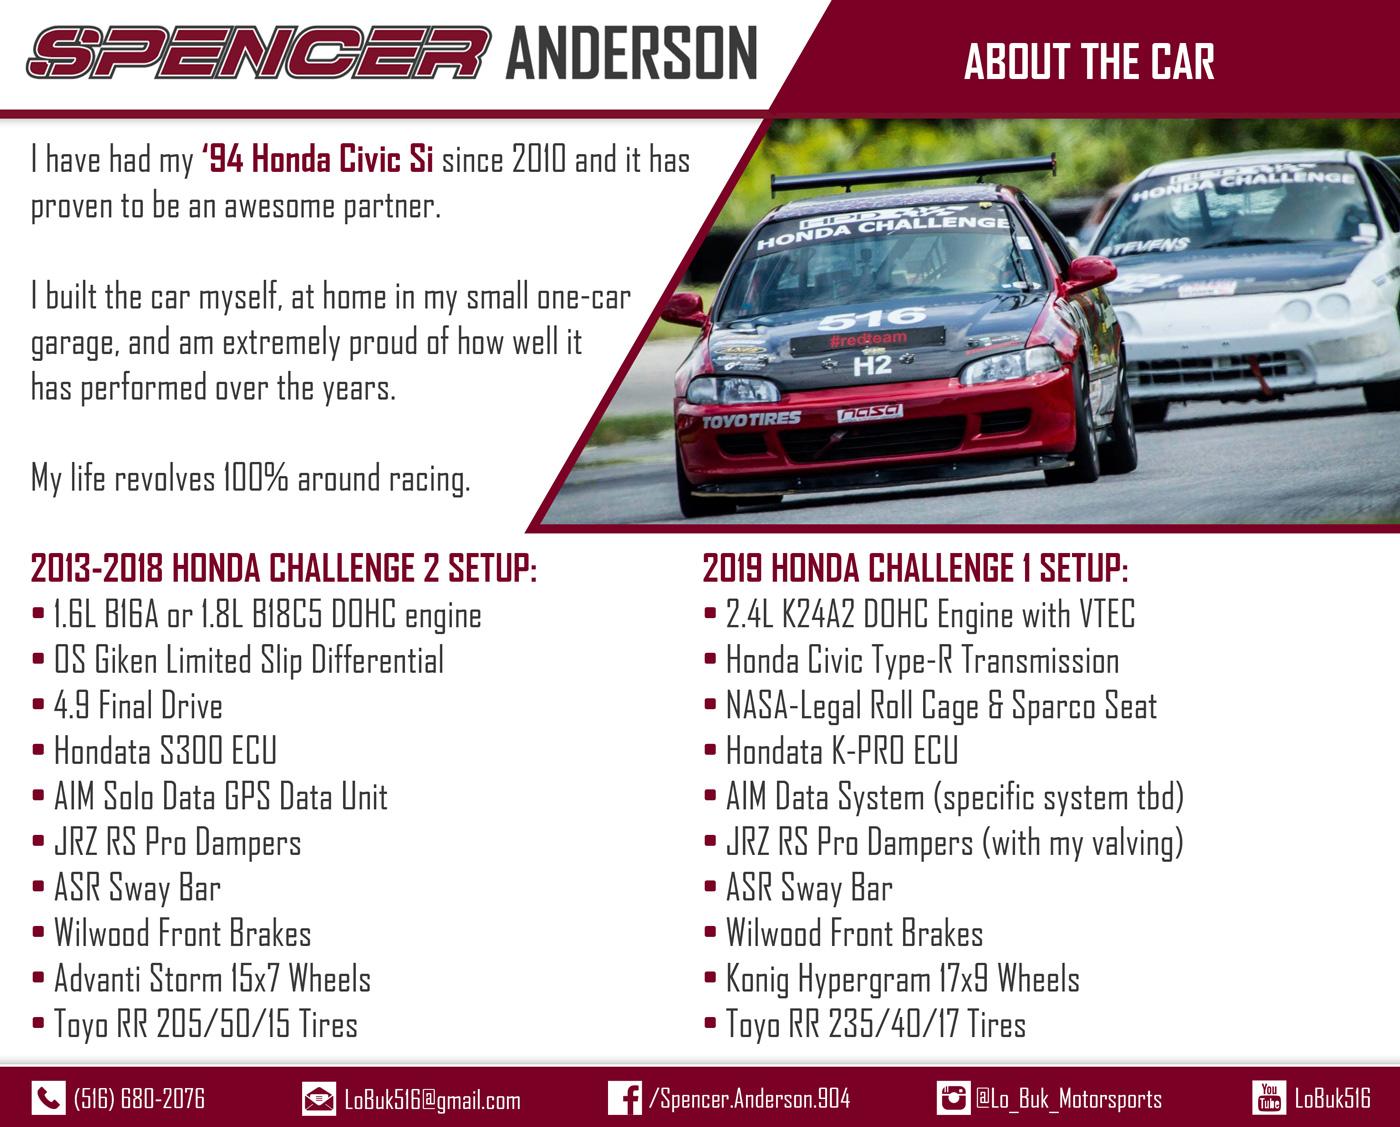 sponsorpacket-anderson